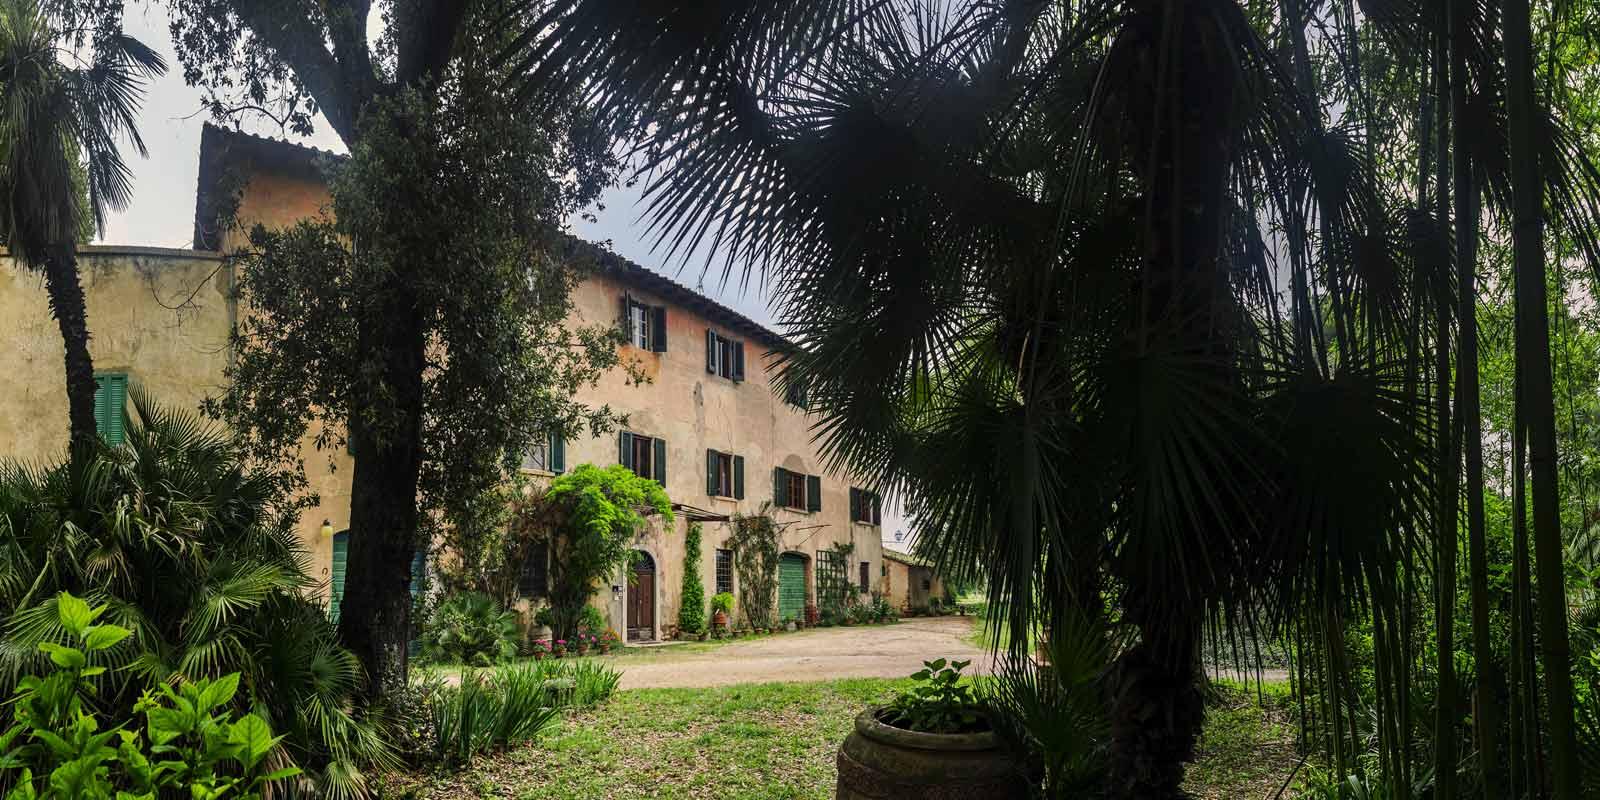 villa-santa-giulia-maremma-toscana-piombino-dimora-epoca-agriturismo-vacanze-soggiorno-prenotazione-parco-natura-verde-rose-giardino-50